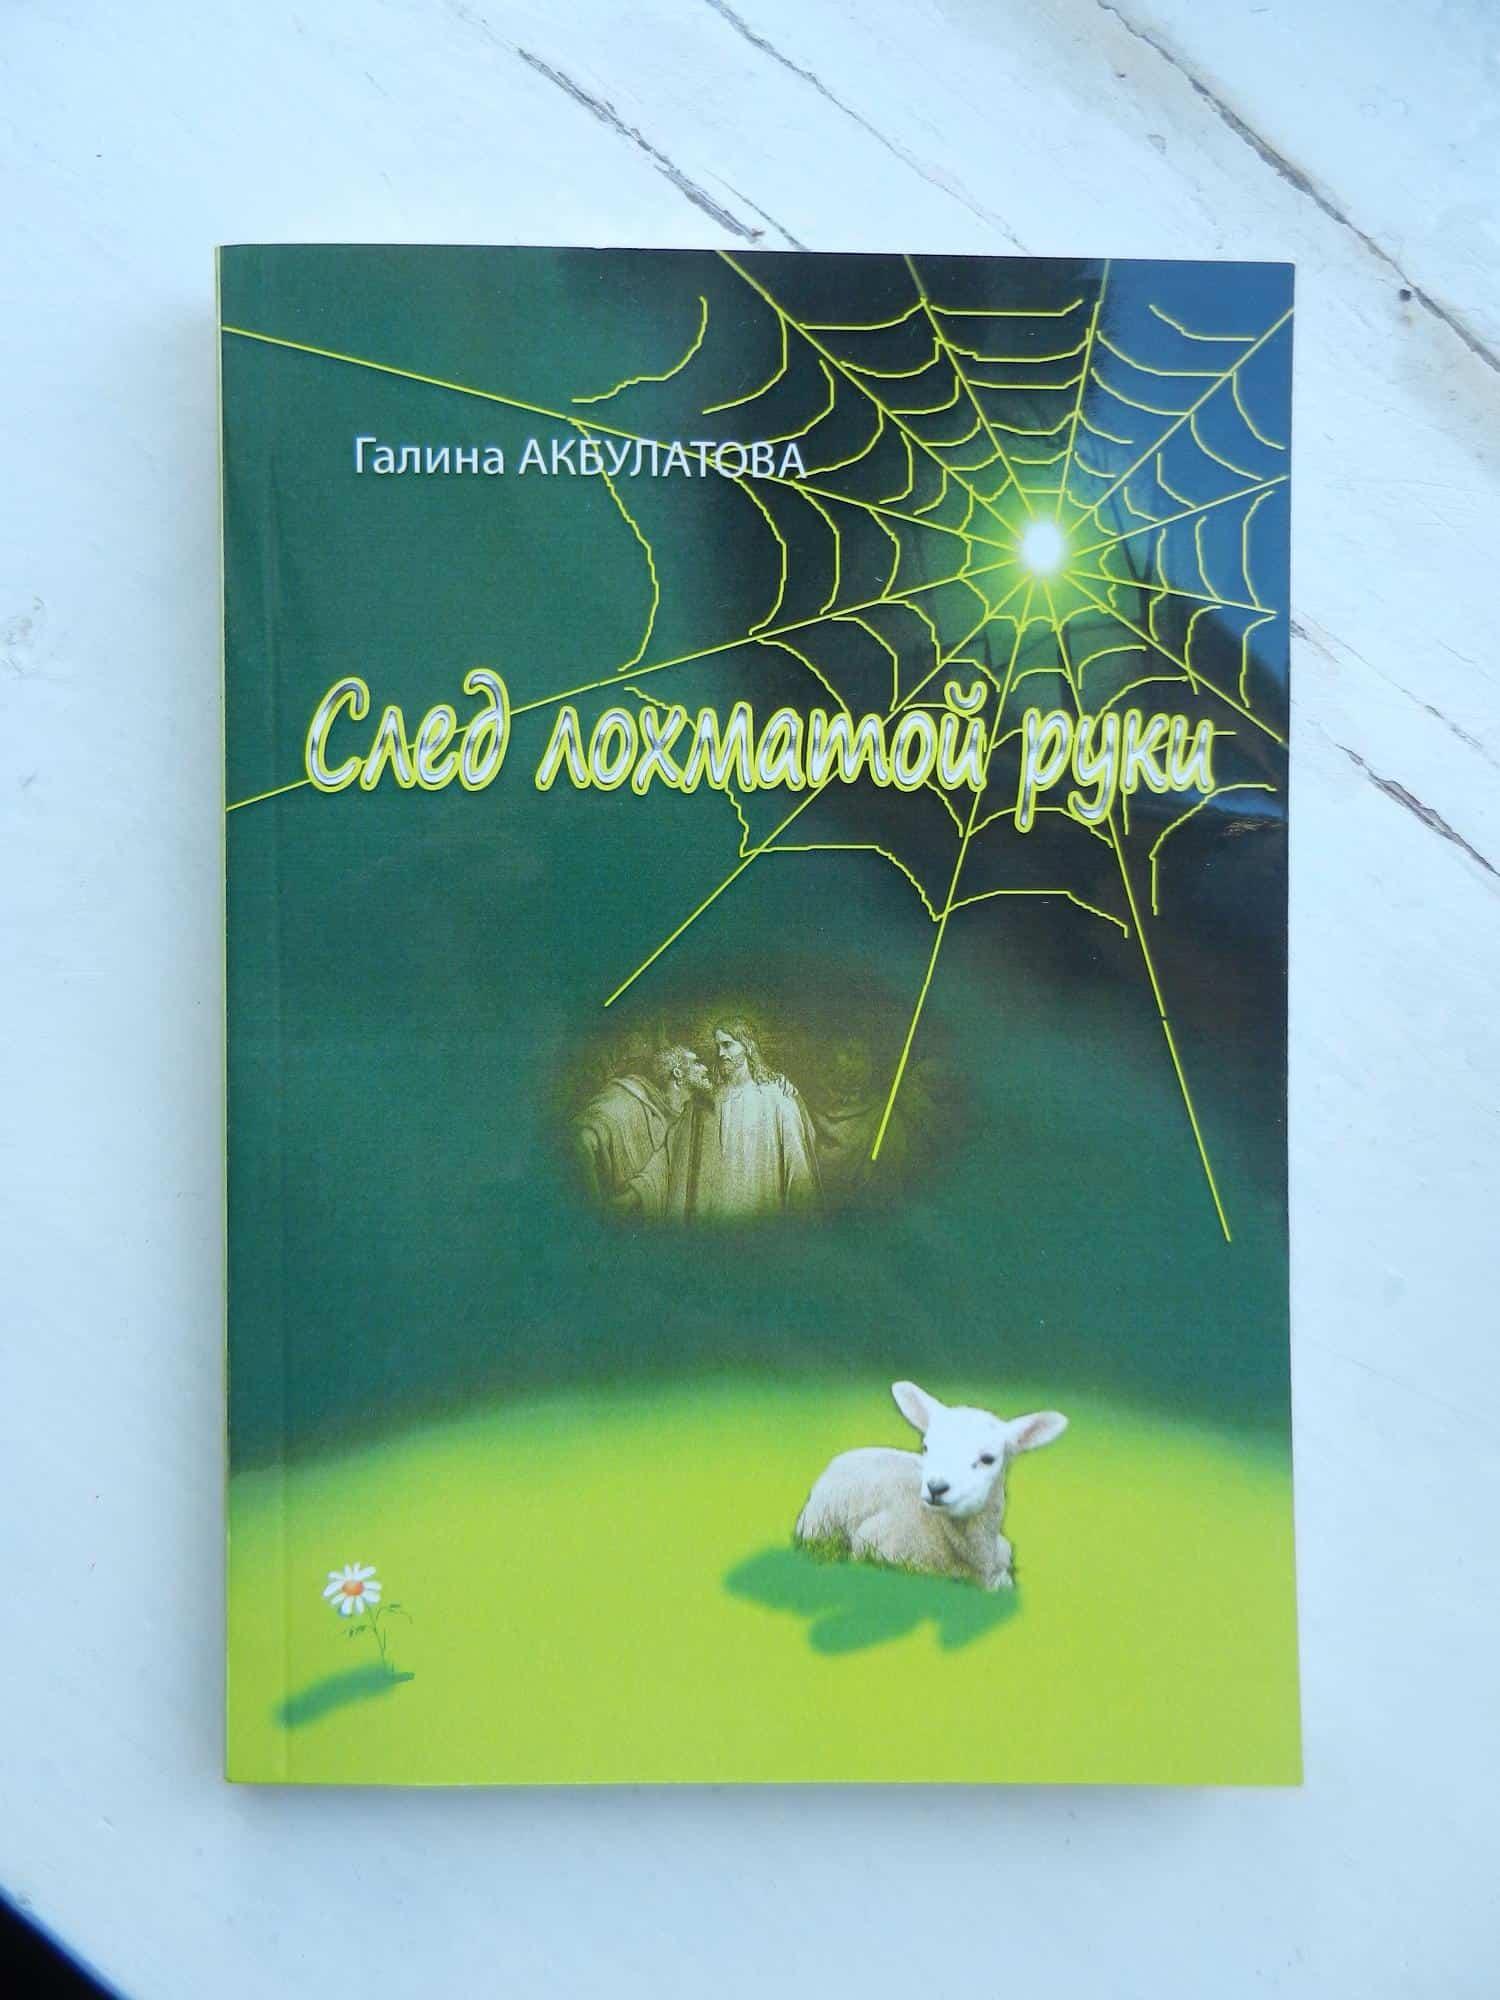 Новая повесть Галины Акбулатовой